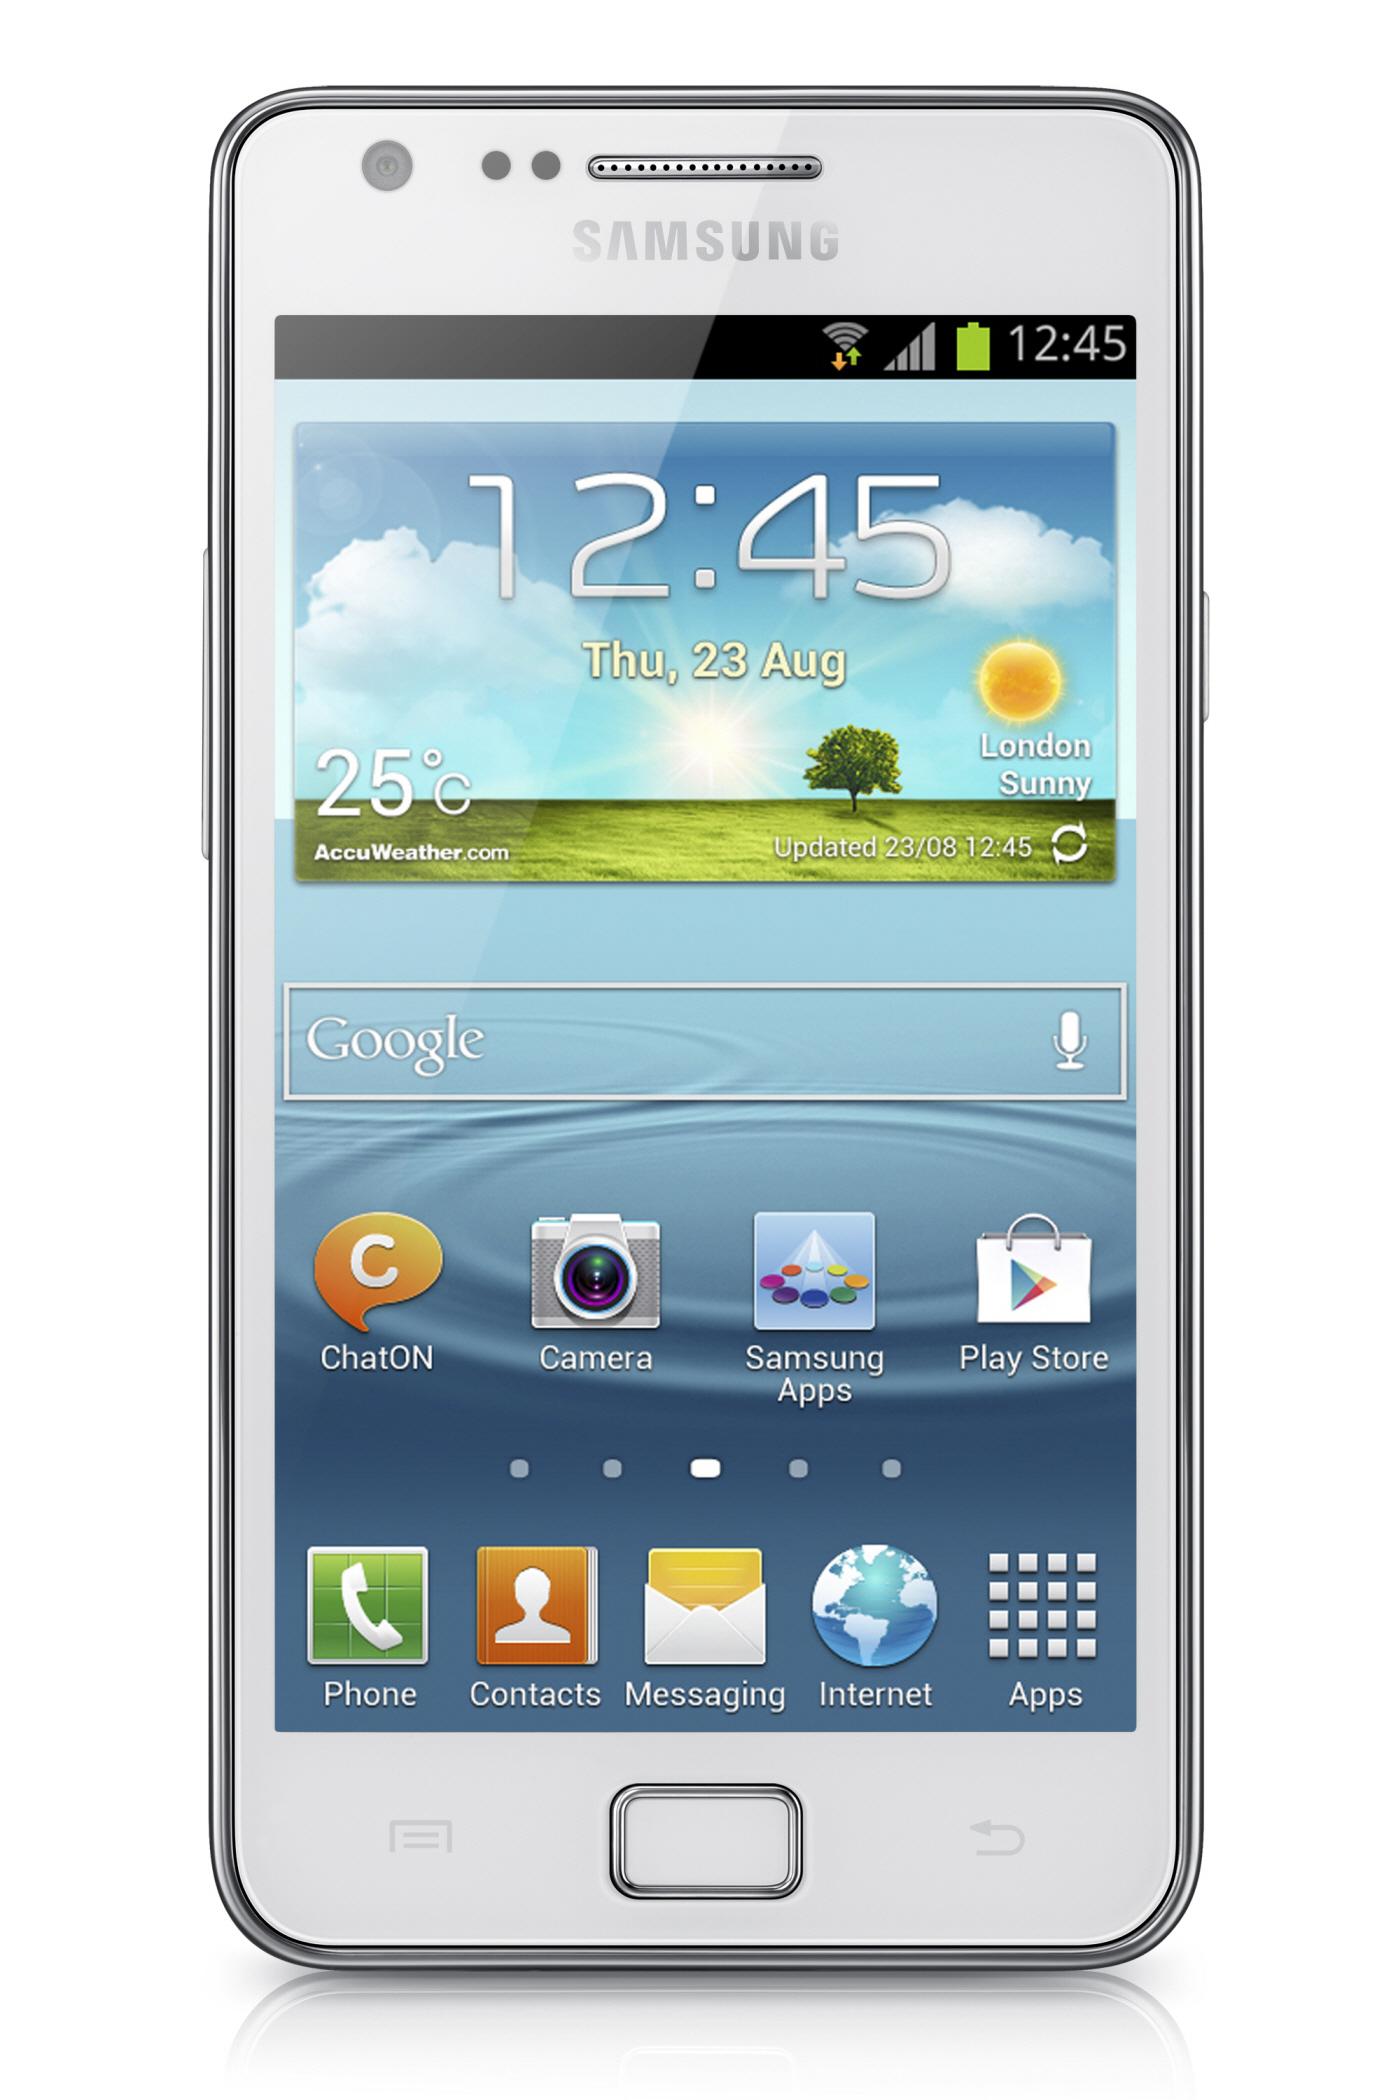 Samsung Galaxy S2 Plus offiziell vorgestellt – Neue Software, bekannte Hardware